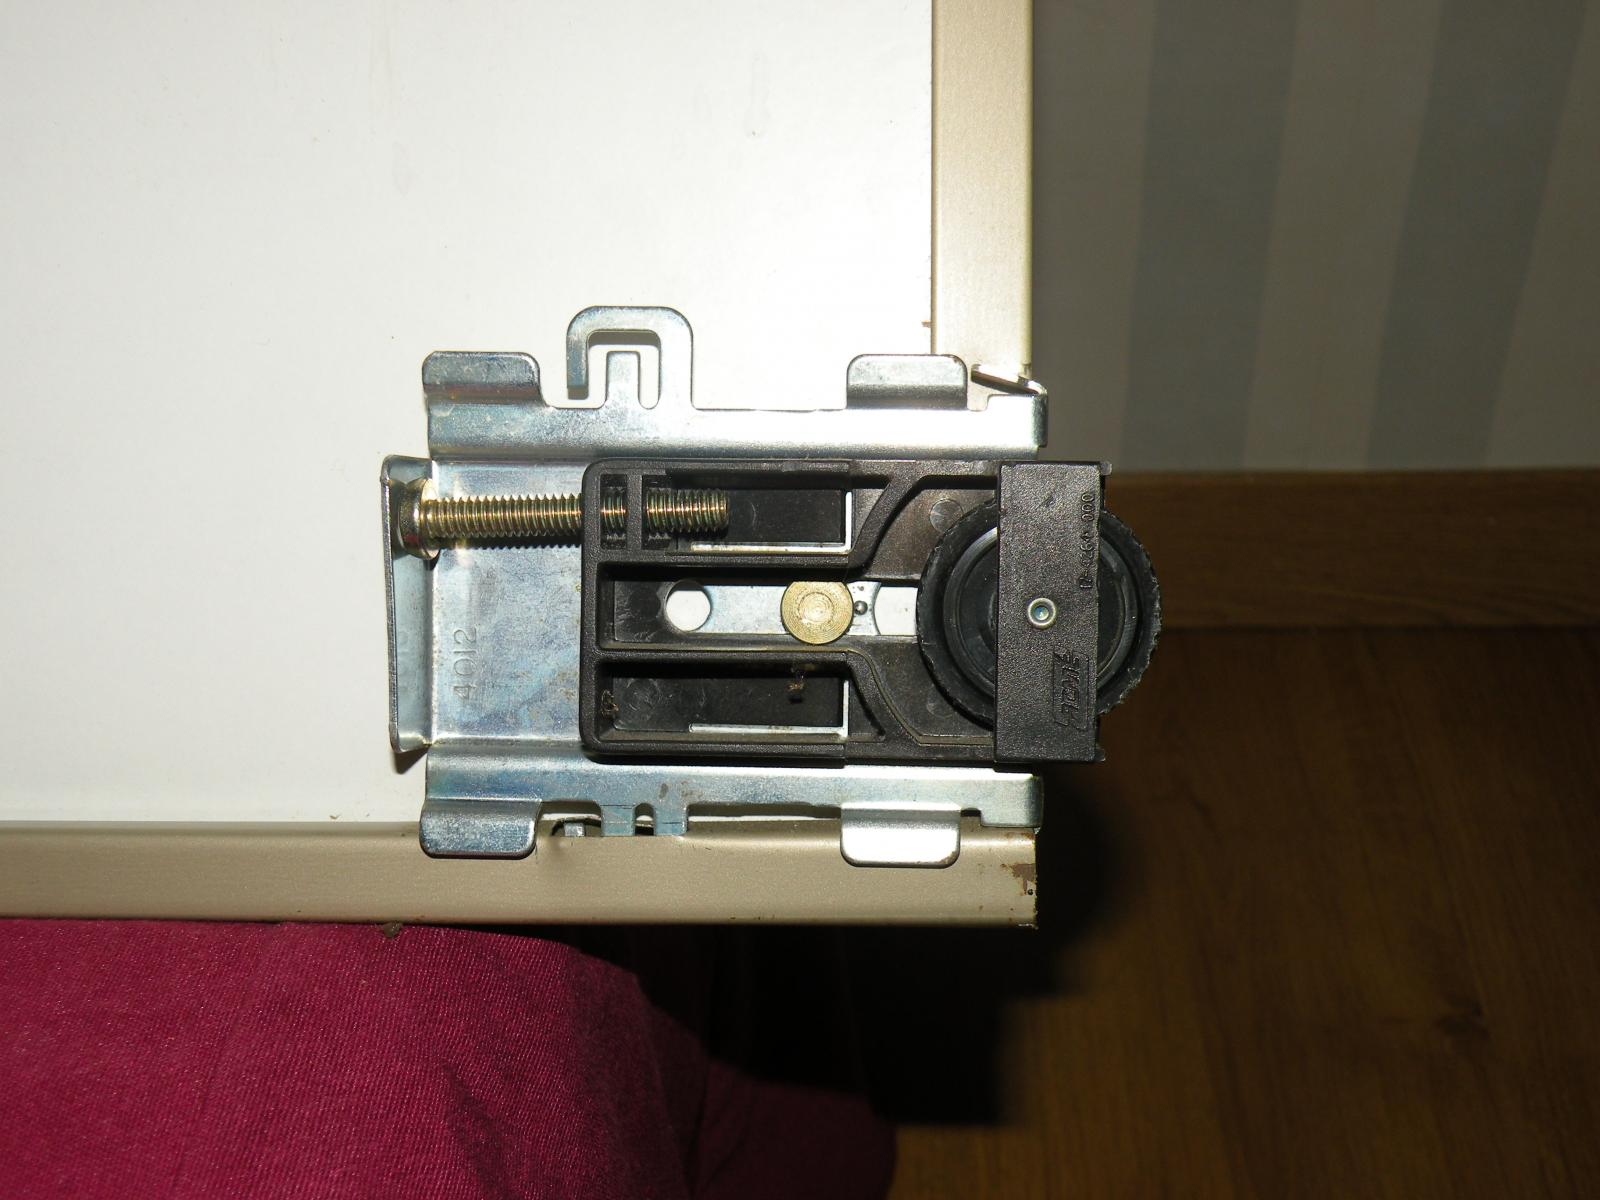 Roulette porte de placard - Roulette porte de placard ...